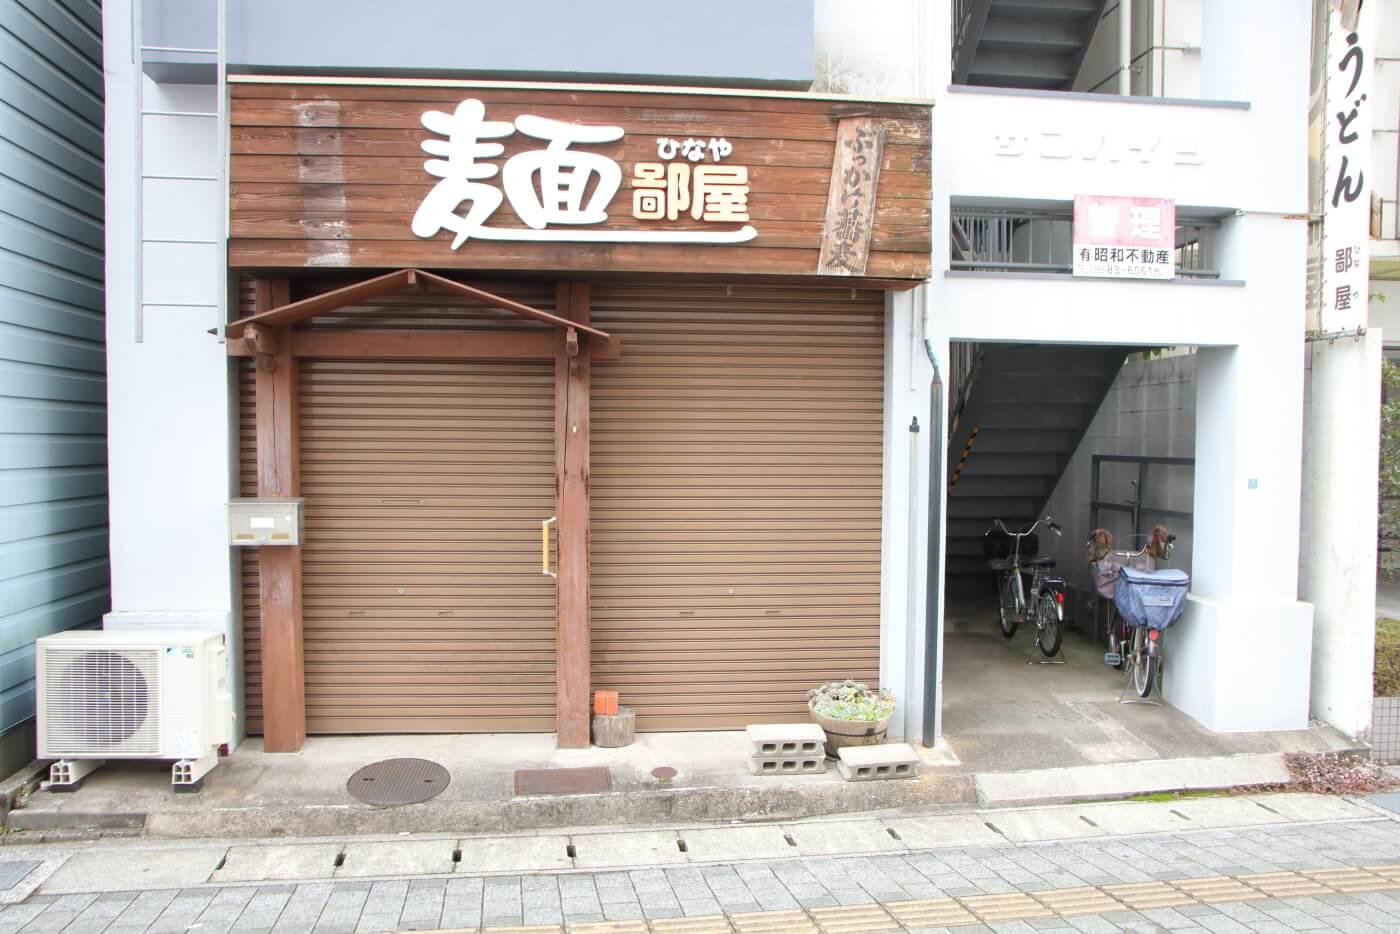 高知市の麺 鄙屋(ひなや) 閉業